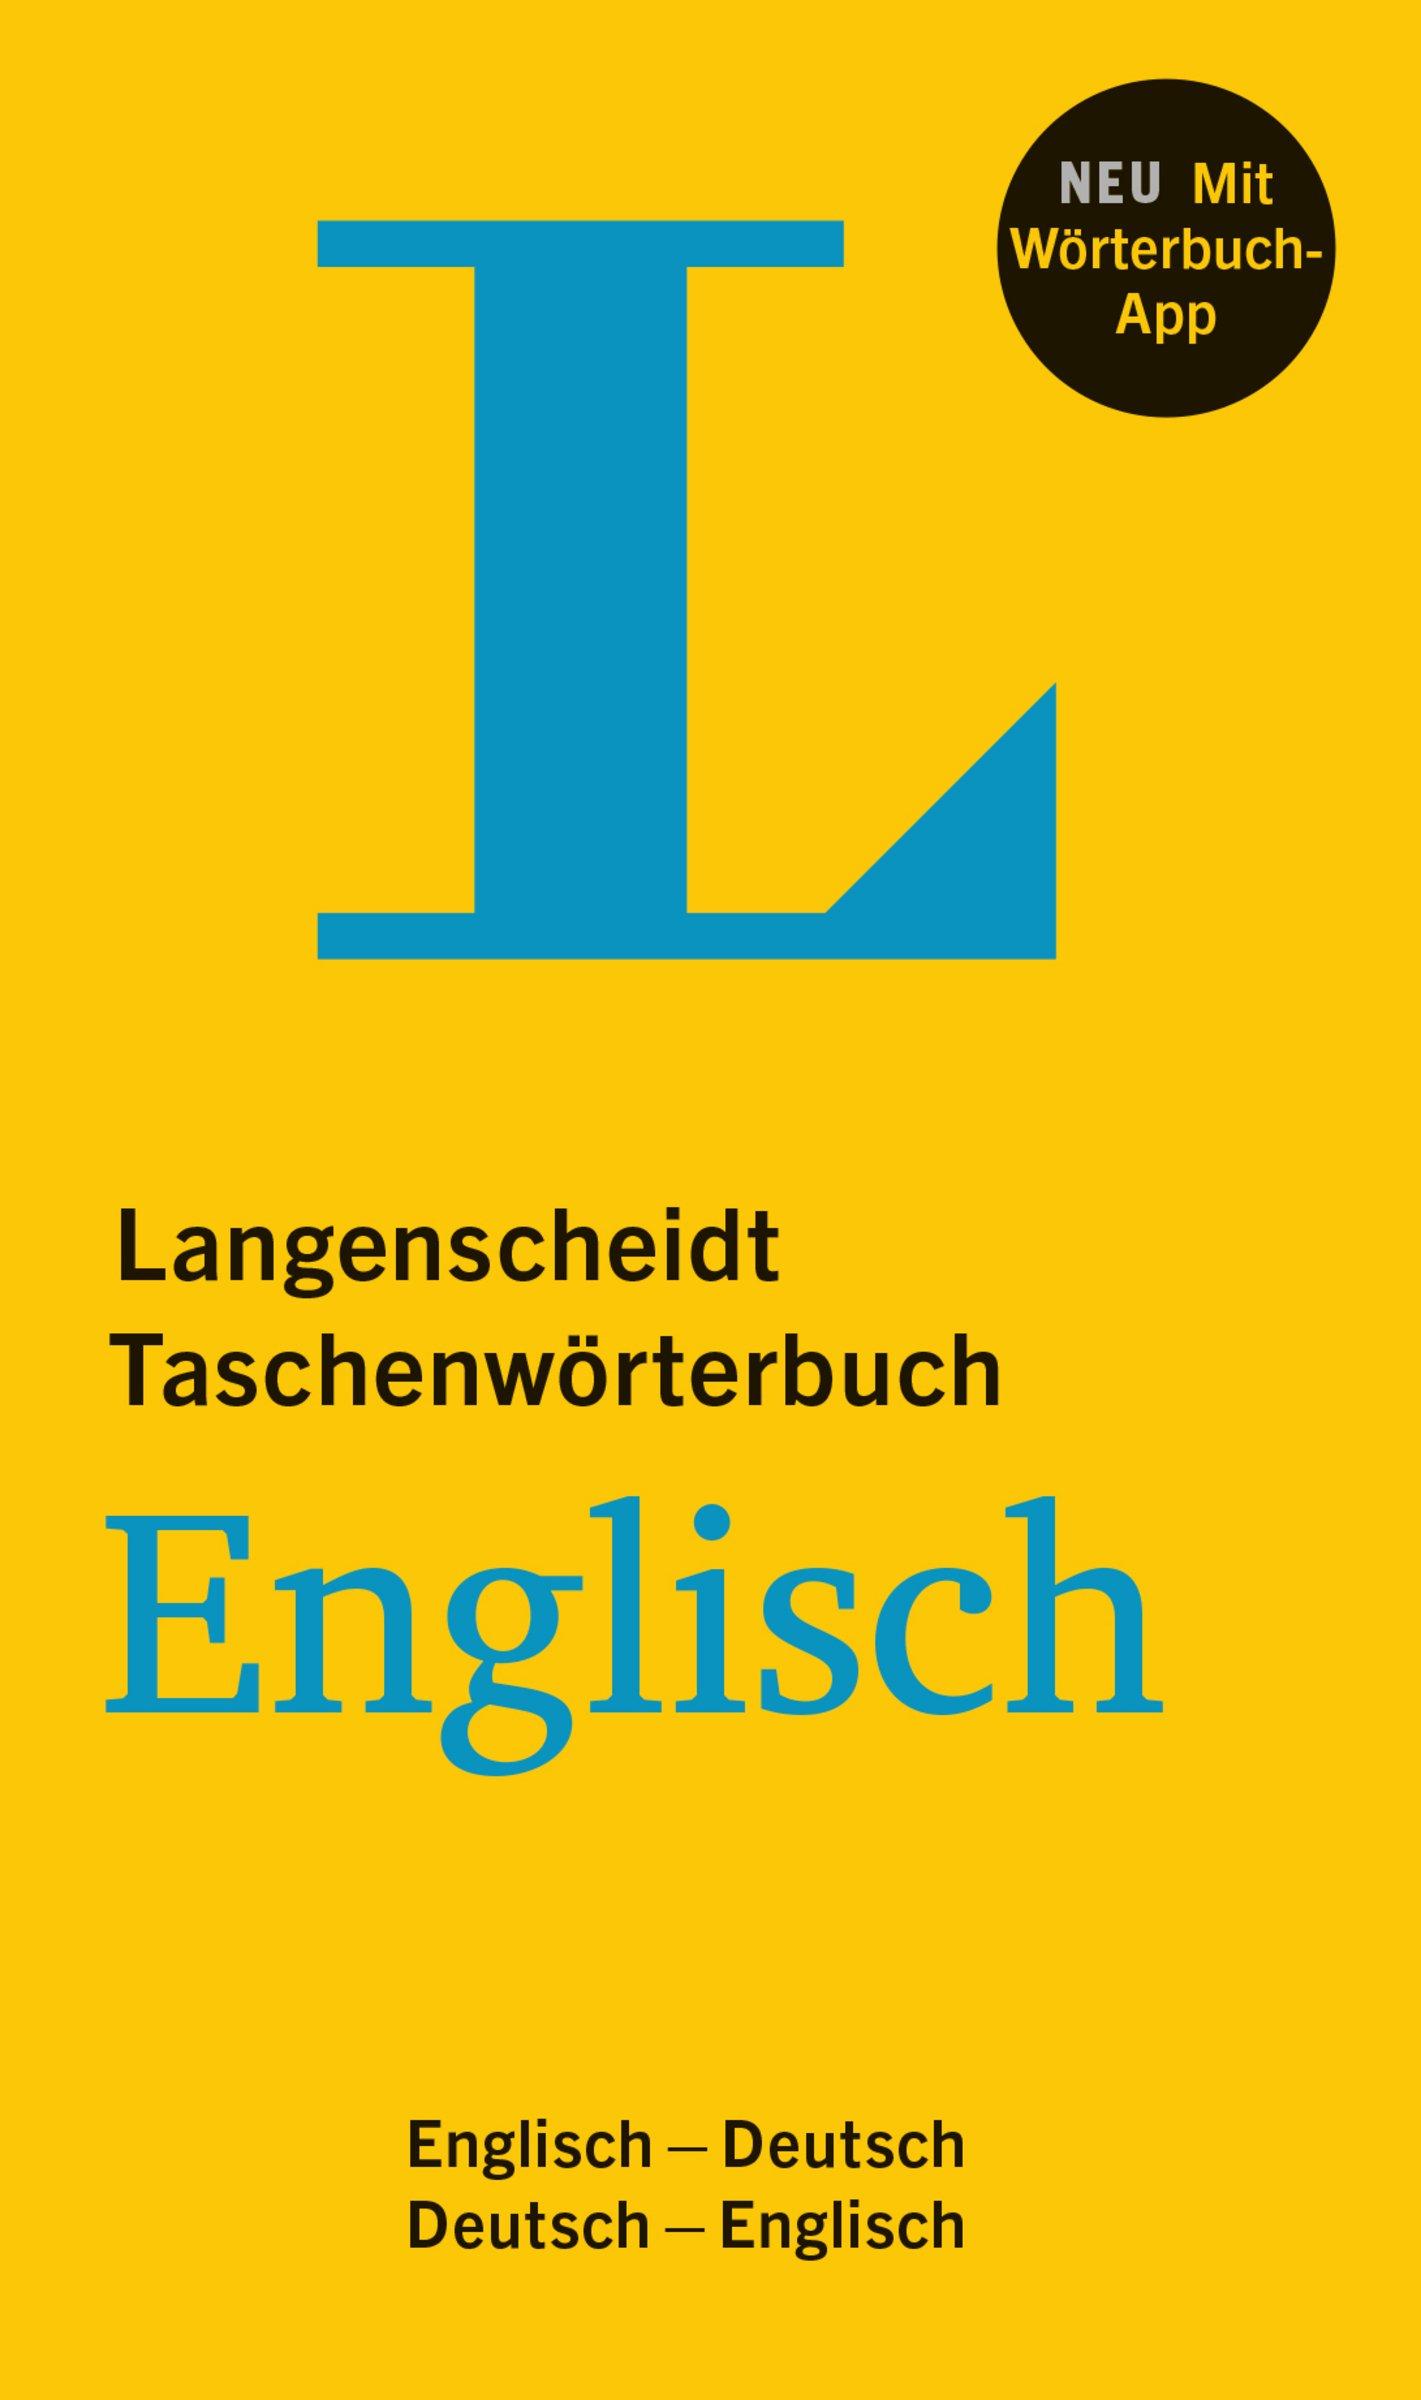 langenscheidt taschenwrterbuch englisch buch und app englisch deutschdeutsch englisch langenscheidt taschenwrterbcher amazonde redaktion - Asop Lebenslauf